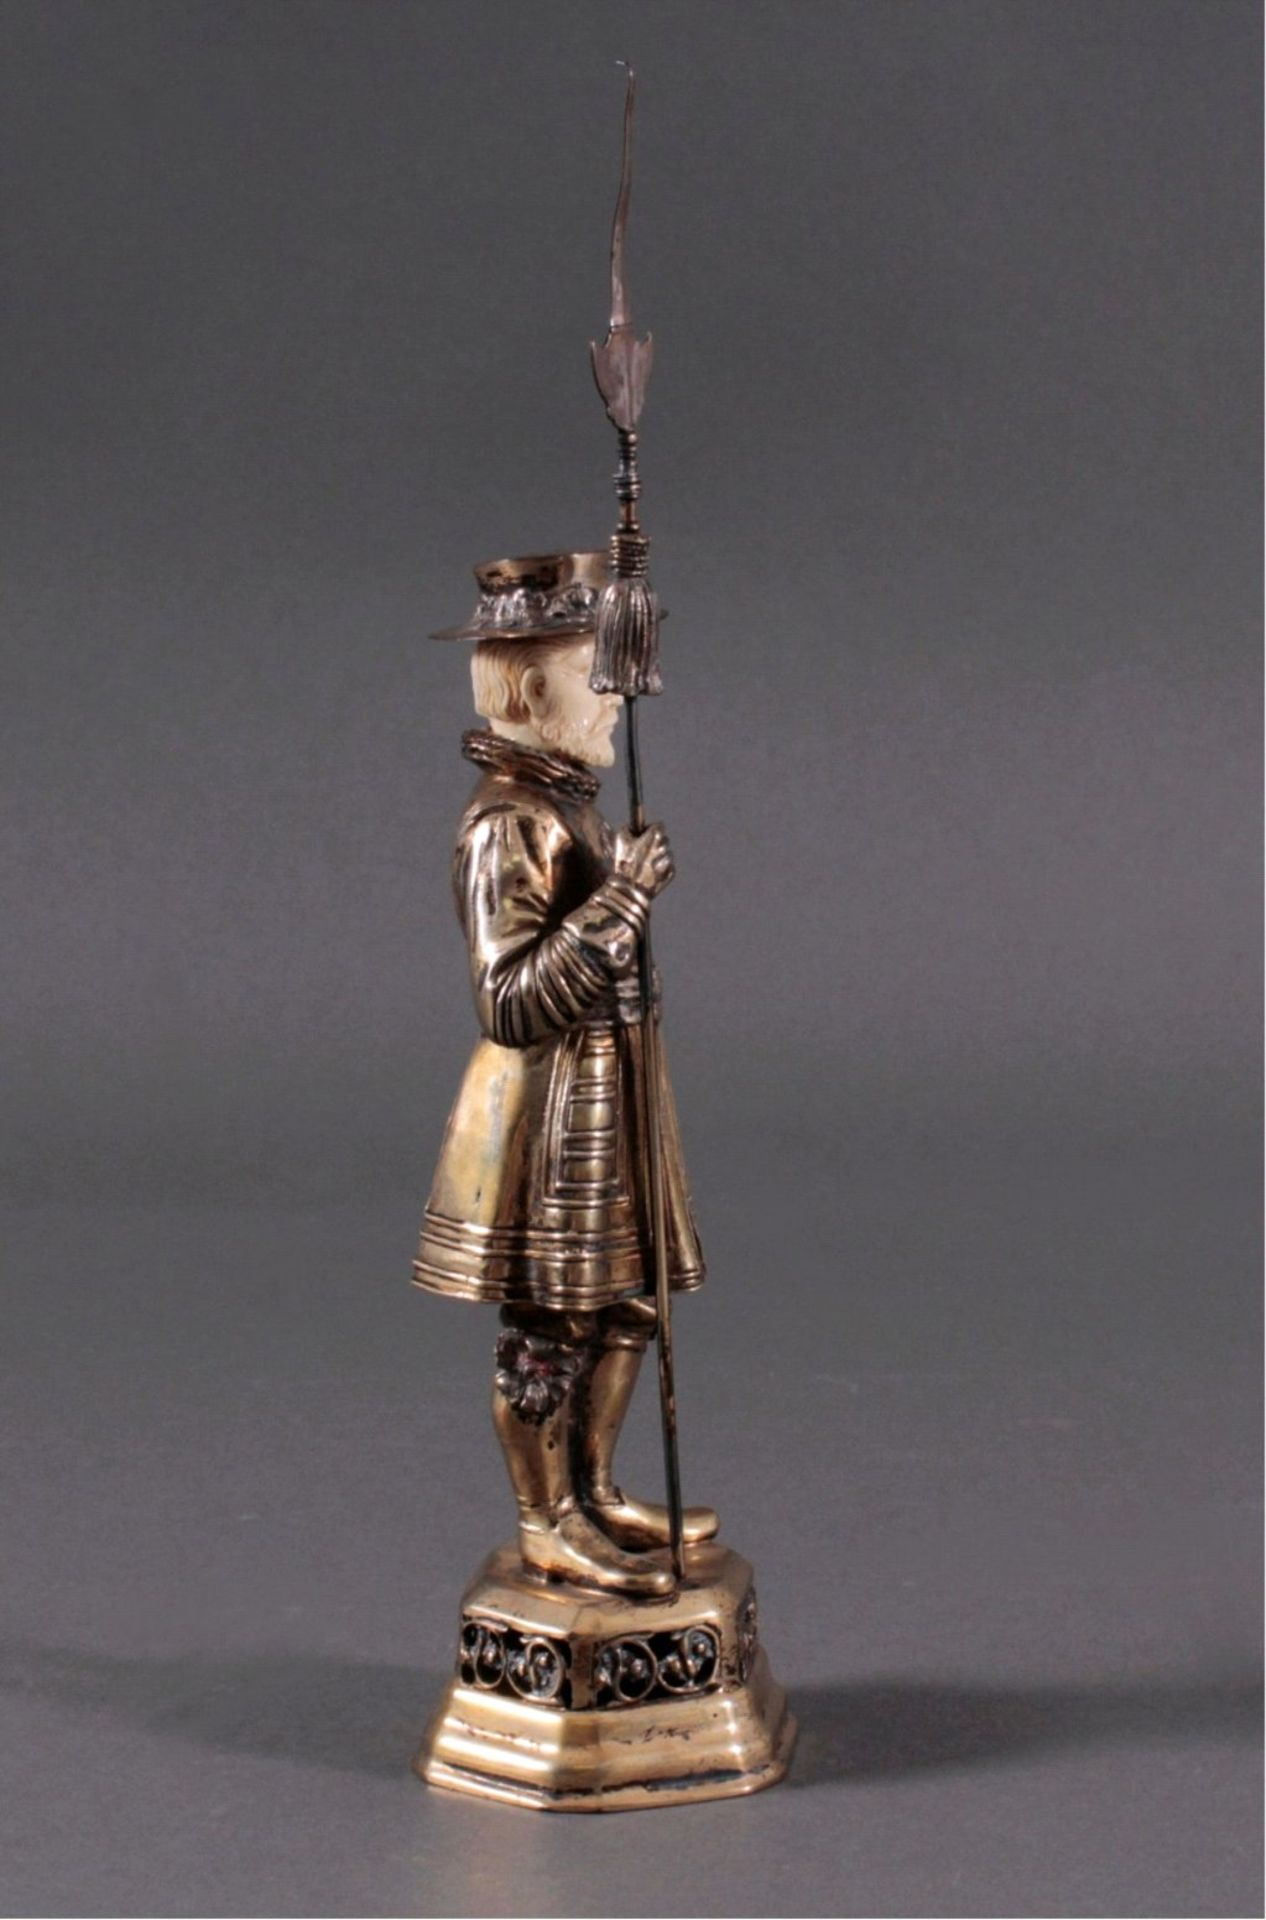 Historismus-Silber-Elfenbein-Figur925er, teilvergoldet/Elfenbein, um 1900 auf durchbrochenem, - Bild 3 aus 6